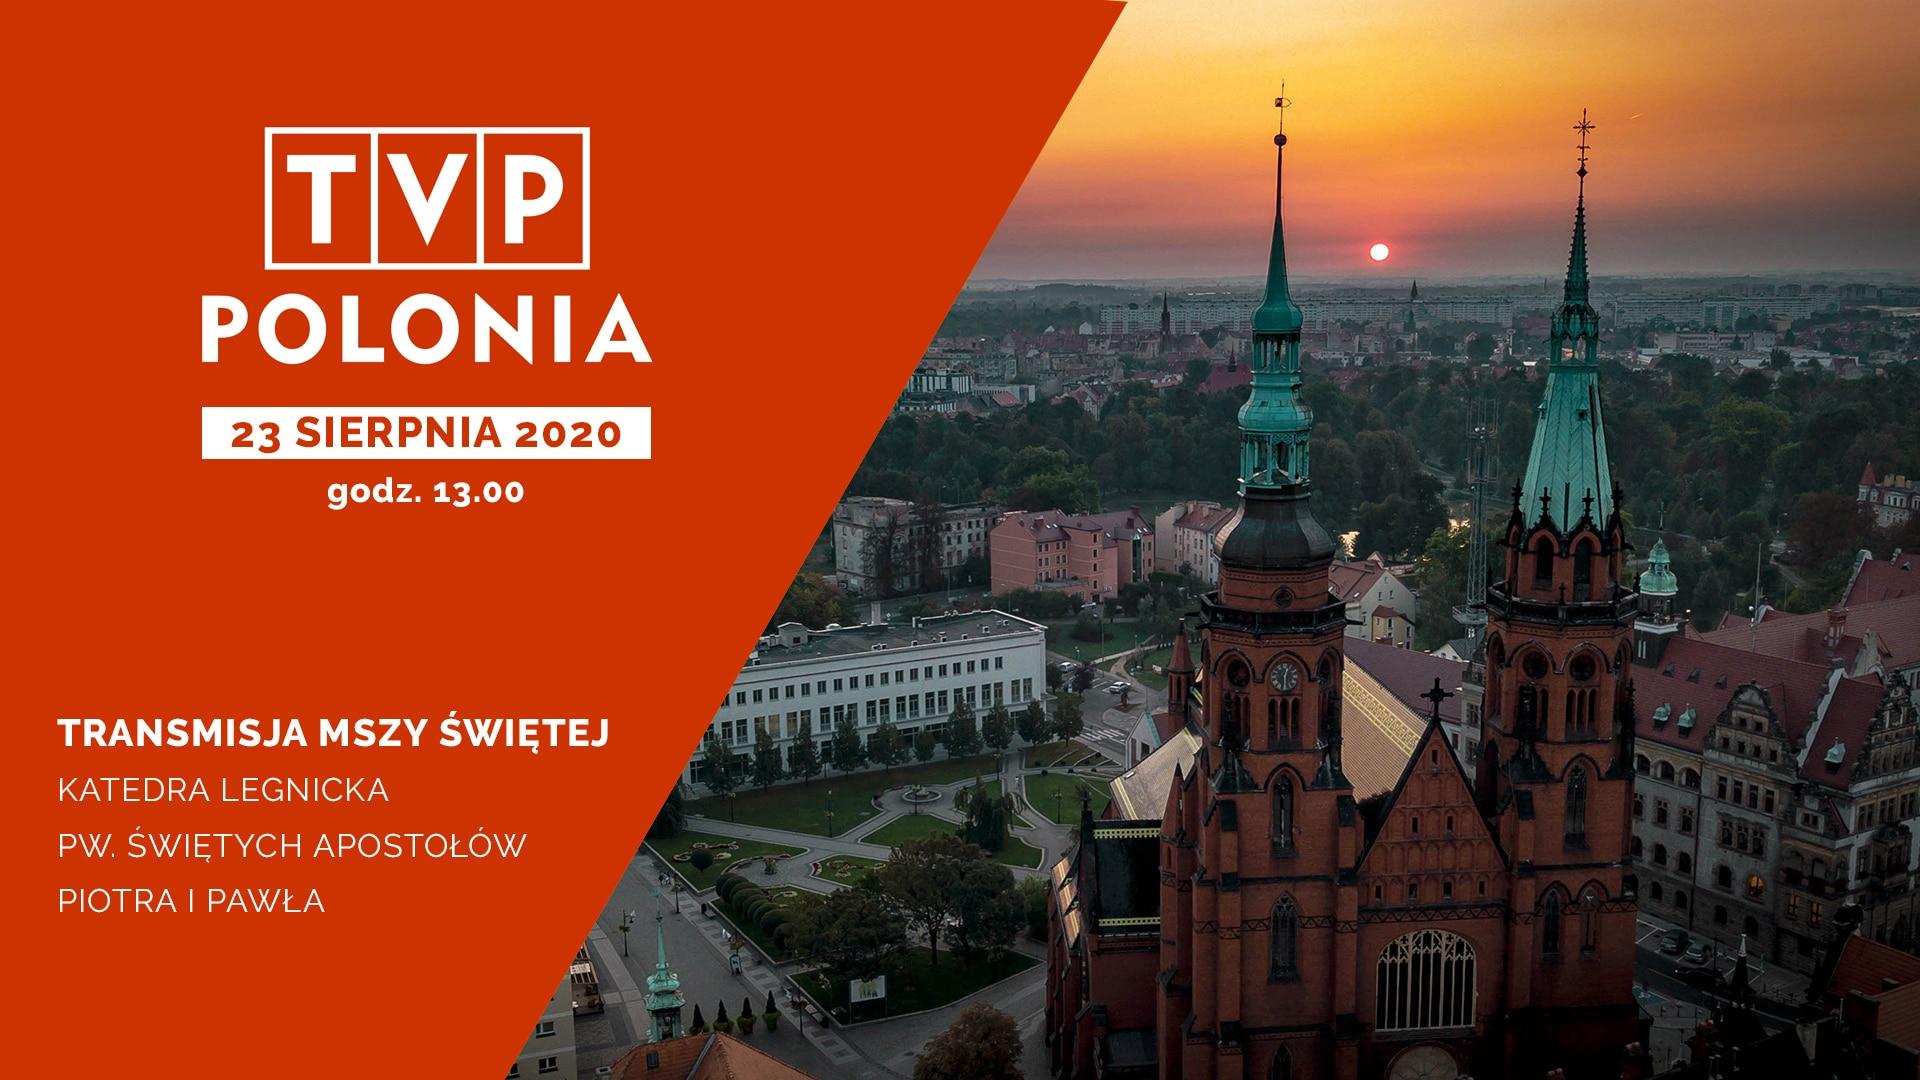 Transmisja z katedry w TVP POLONIA